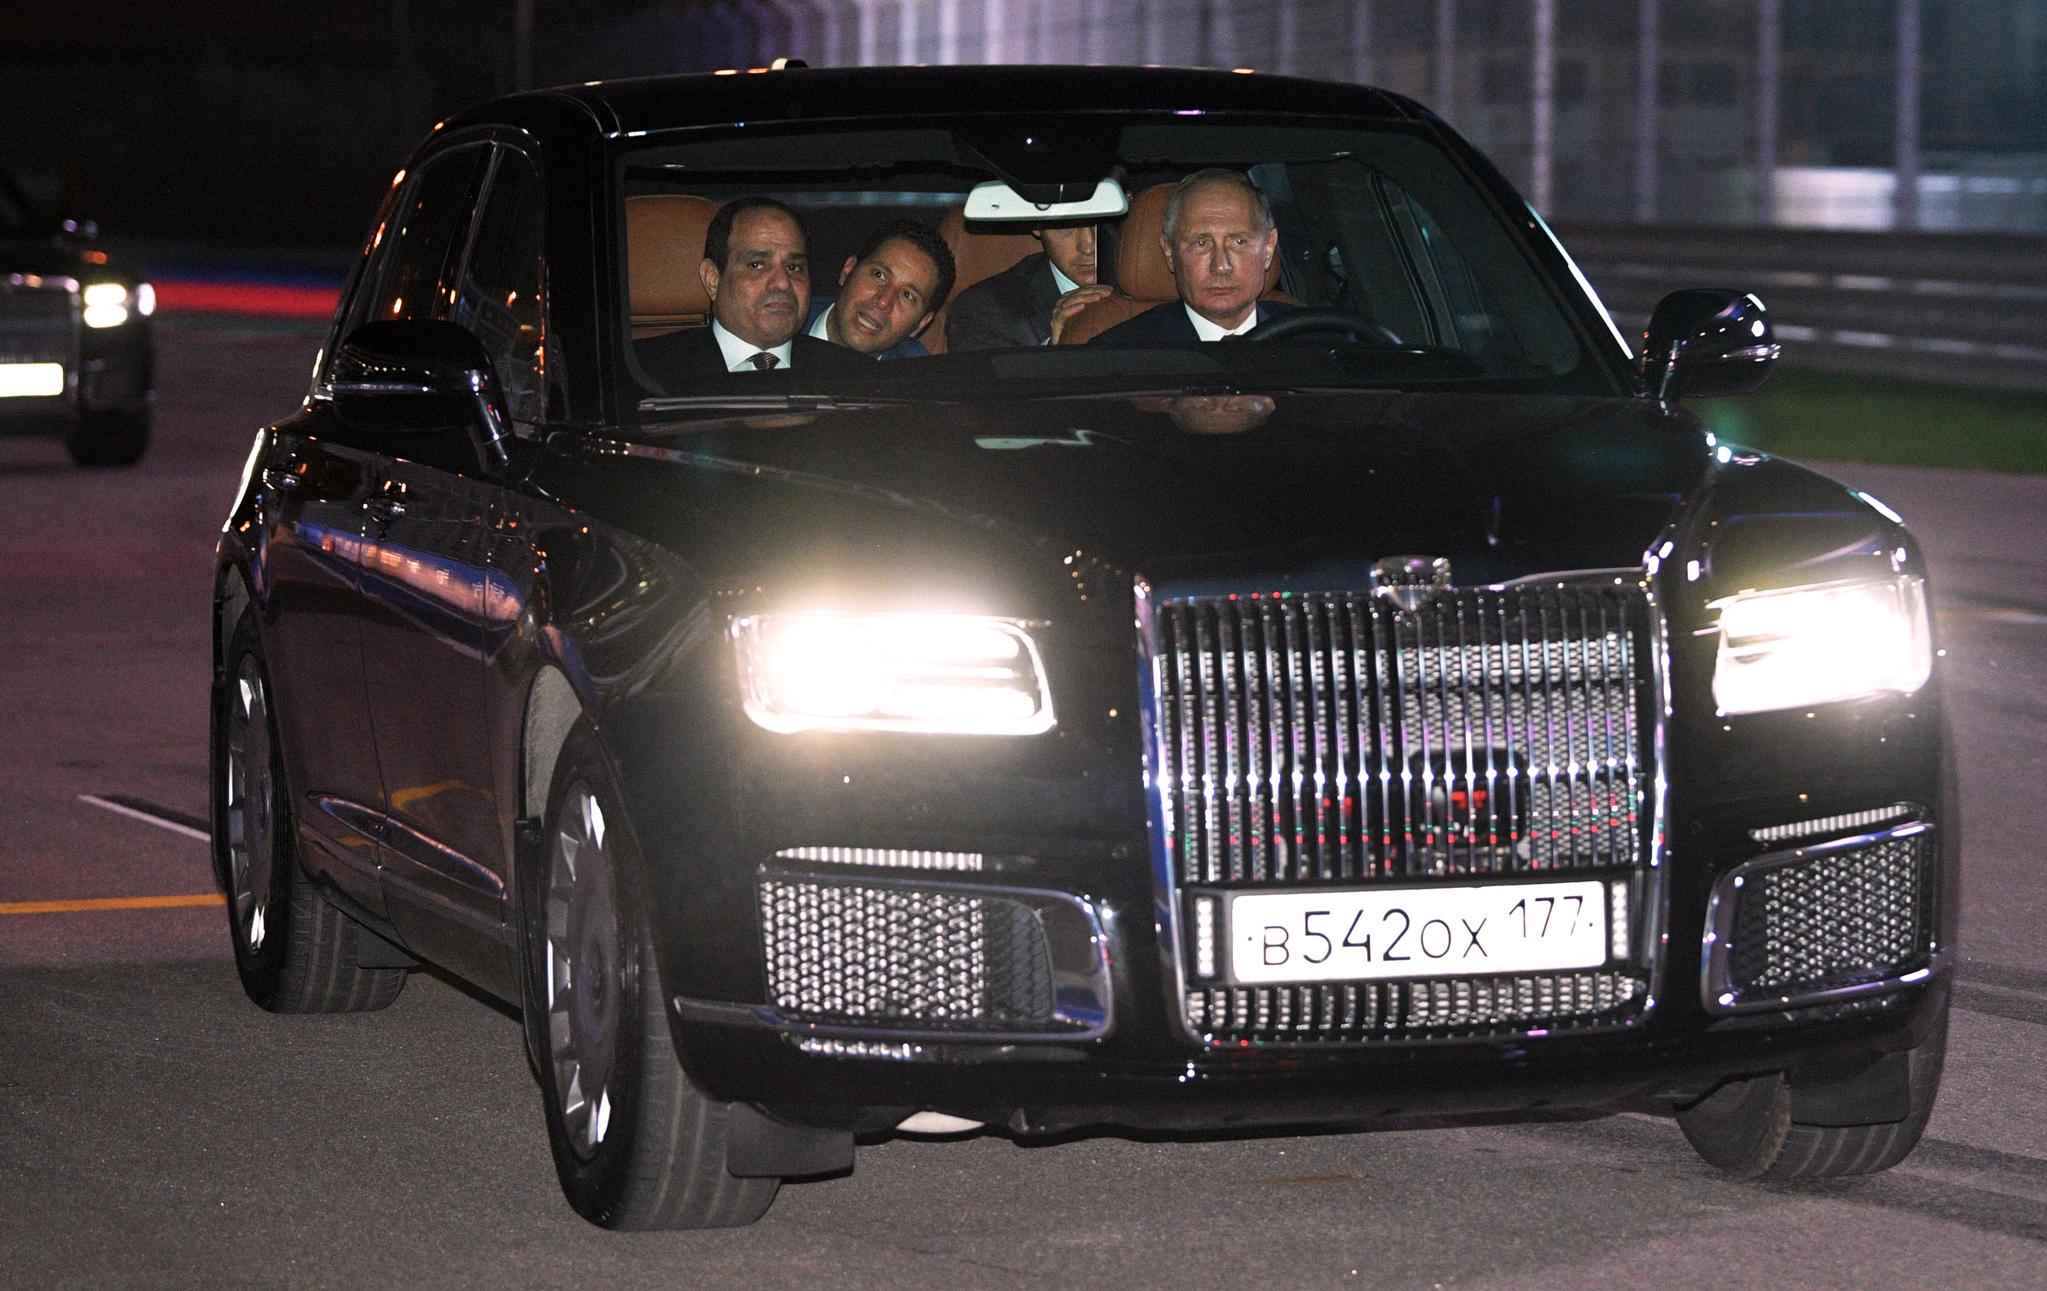 블라디미르 푸틴 러시아 대통령이 17일(현지 시간) 러시아 소치 오토돔의 F1 그랑프리 서킷에서 압둘팟타흐 엘시시 이집트 대통령(왼쪽)을 조수석에 태우고 직접 아우러스 세나트 세단을 운전하고 있다. [AP=연합뉴스]